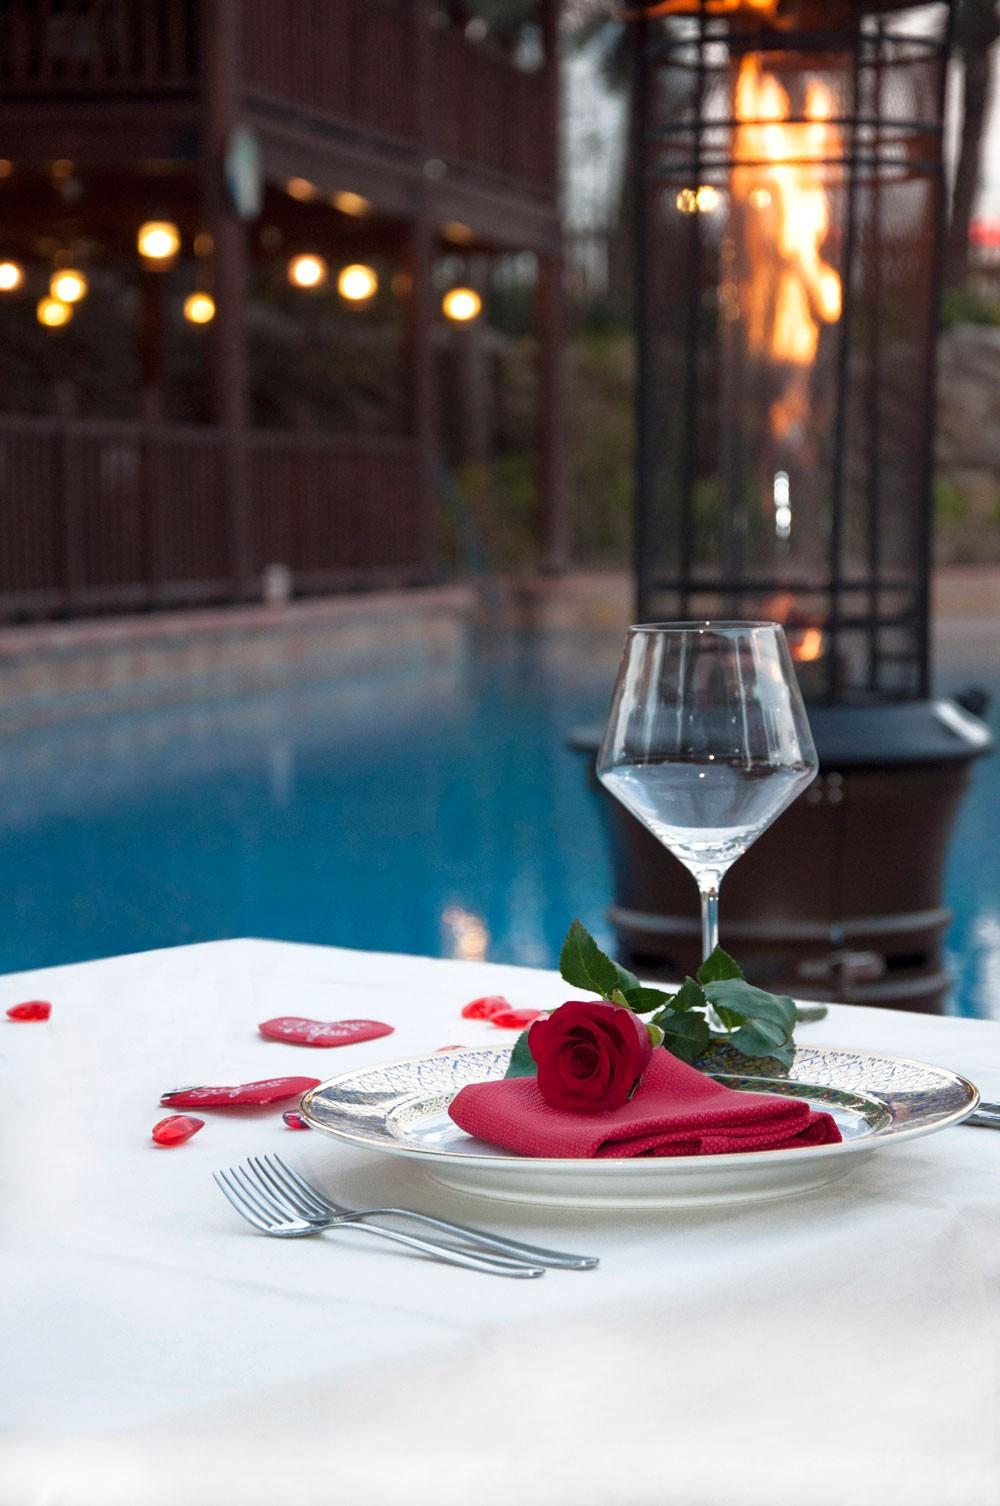 فندق الخليج البحرين ملاذ العشاق لقضاء أجمل اللحظات الرومانسية لعيد الحب